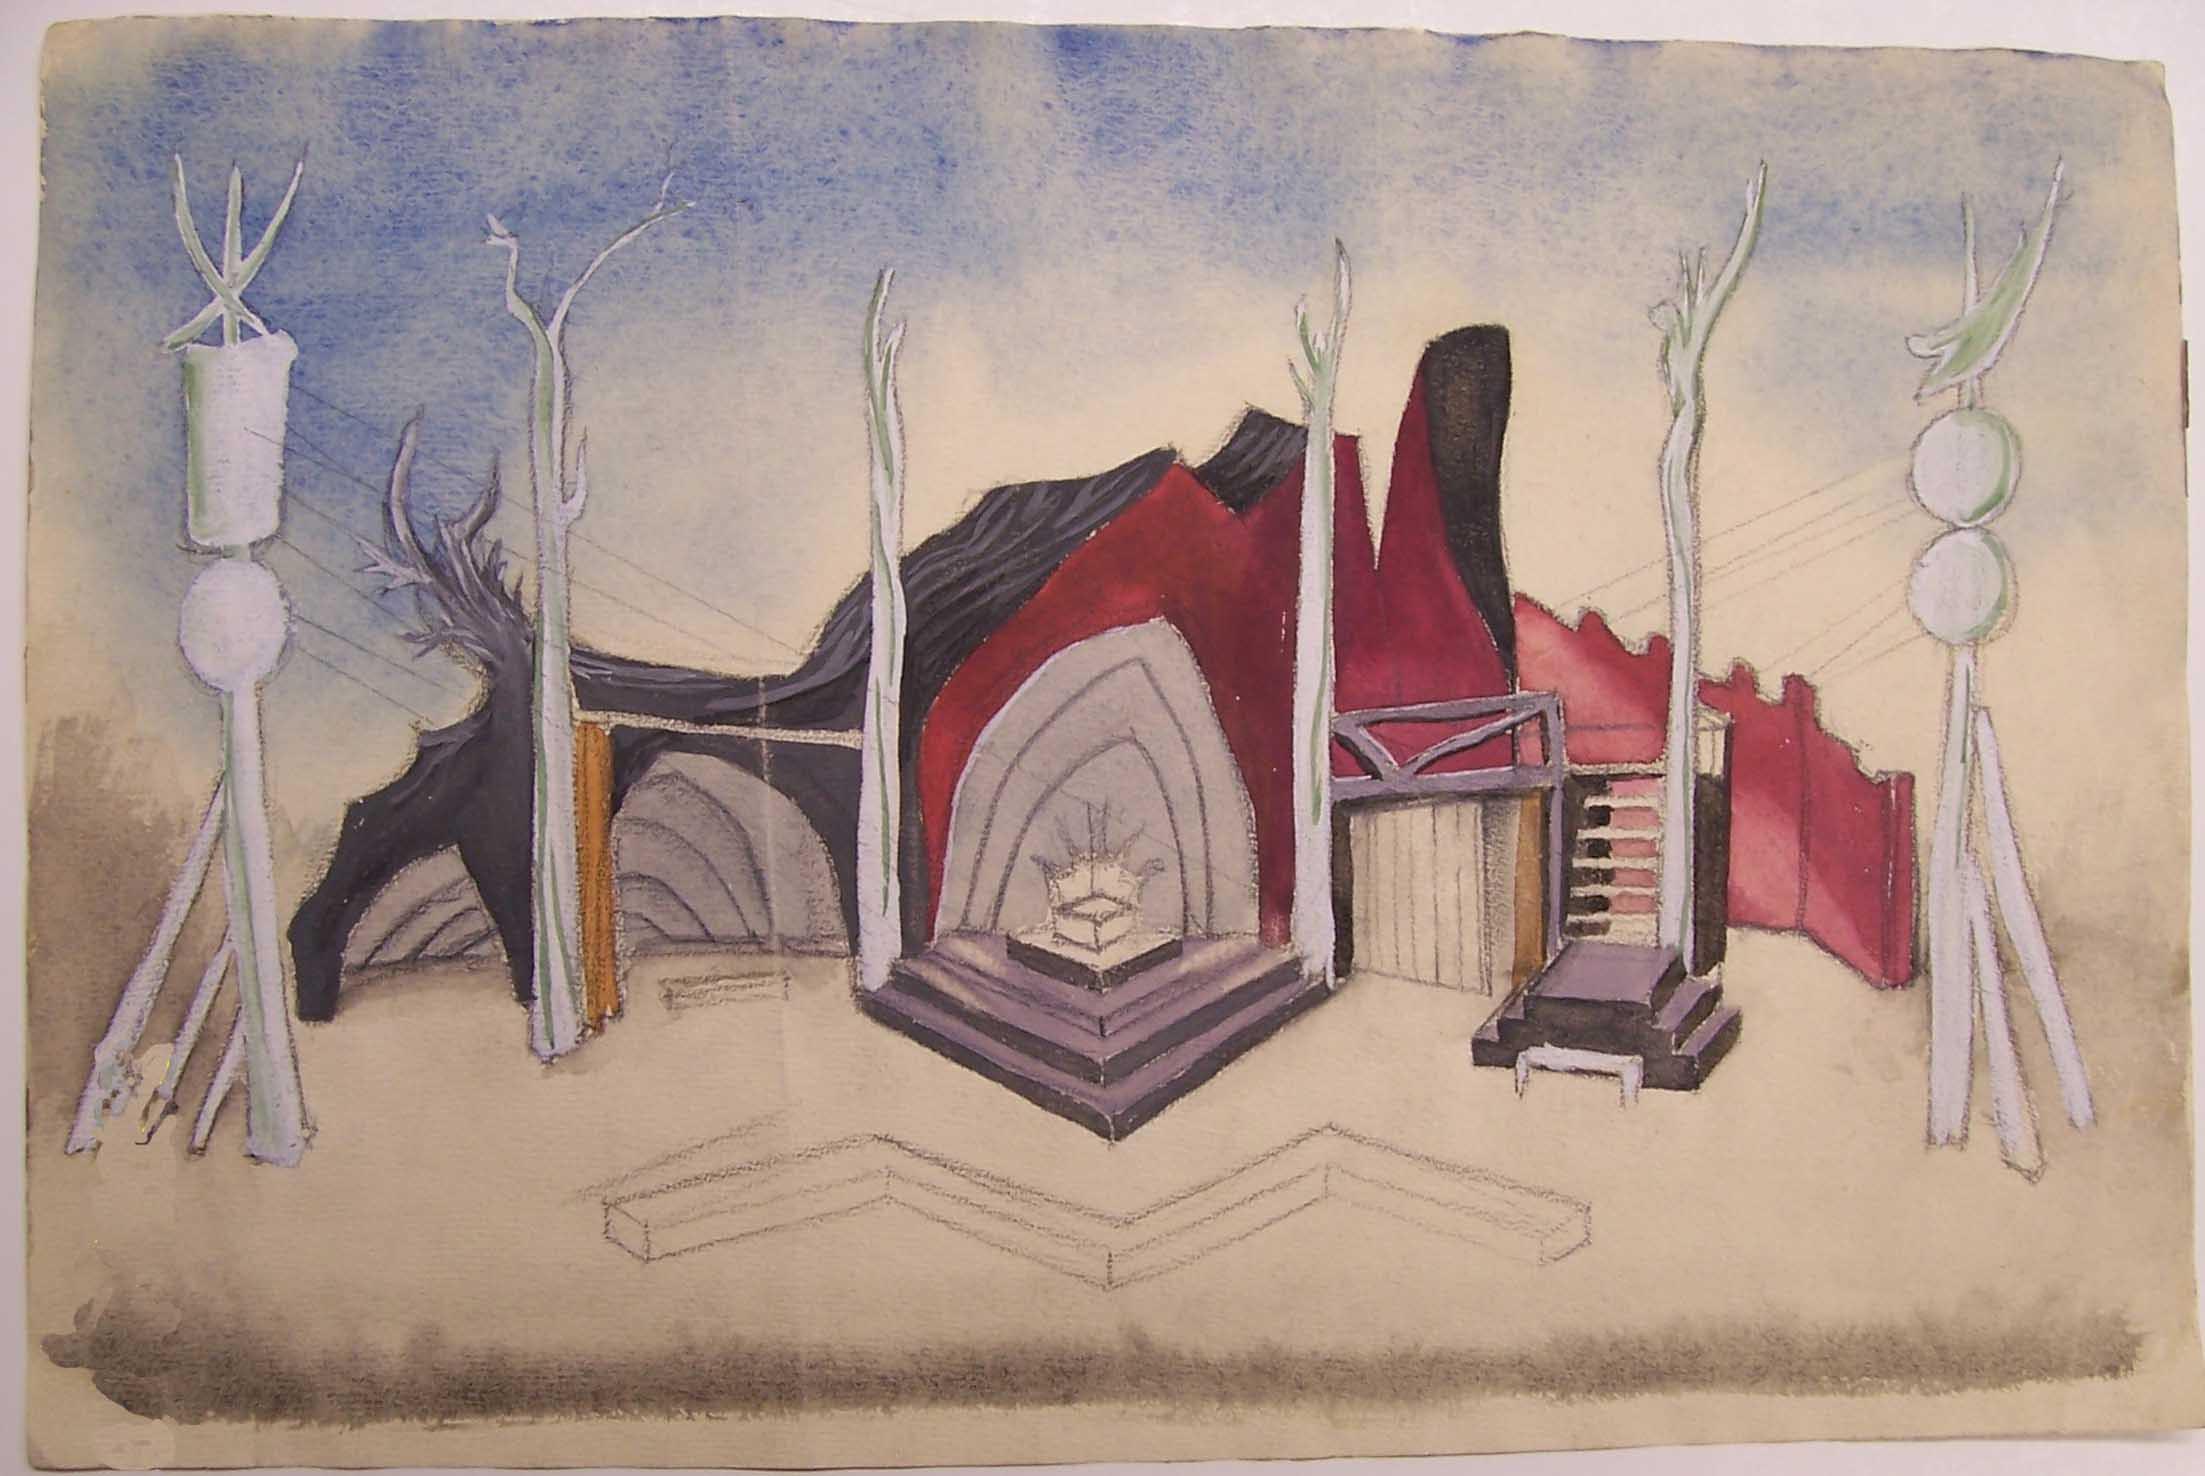 Whittaker set design for King Lear